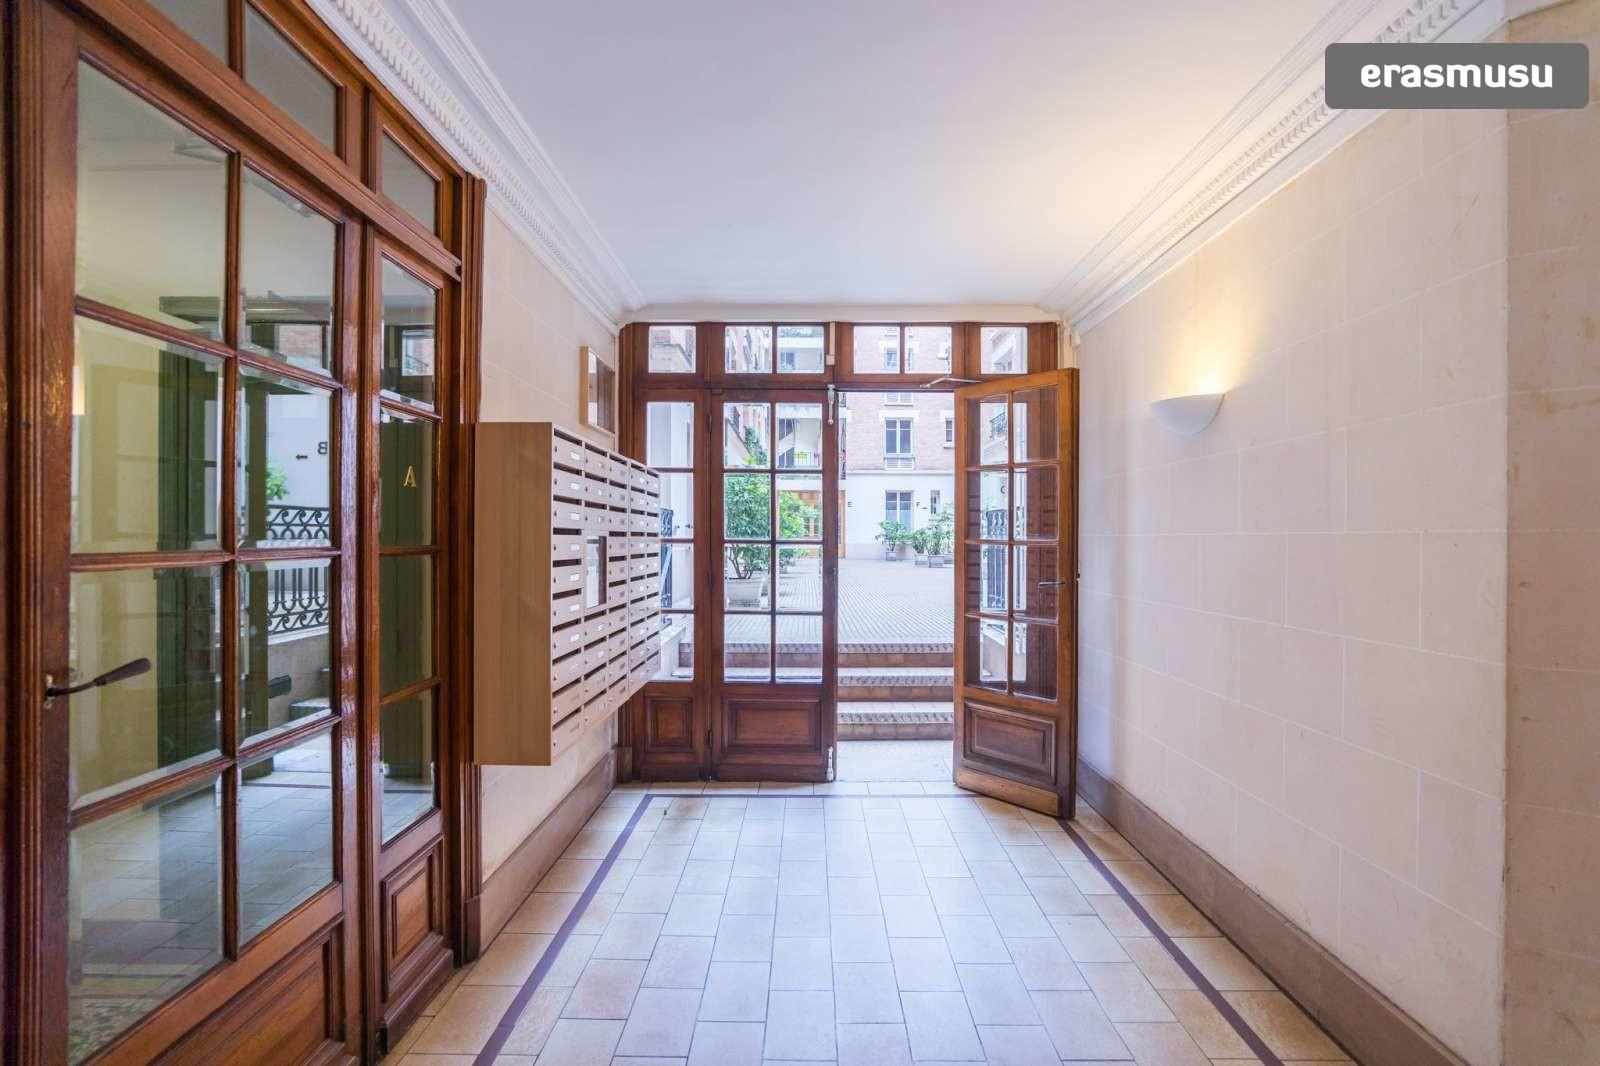 Studio Apartment For Rent In Reuilly Paris 12 Rent Studios Paris